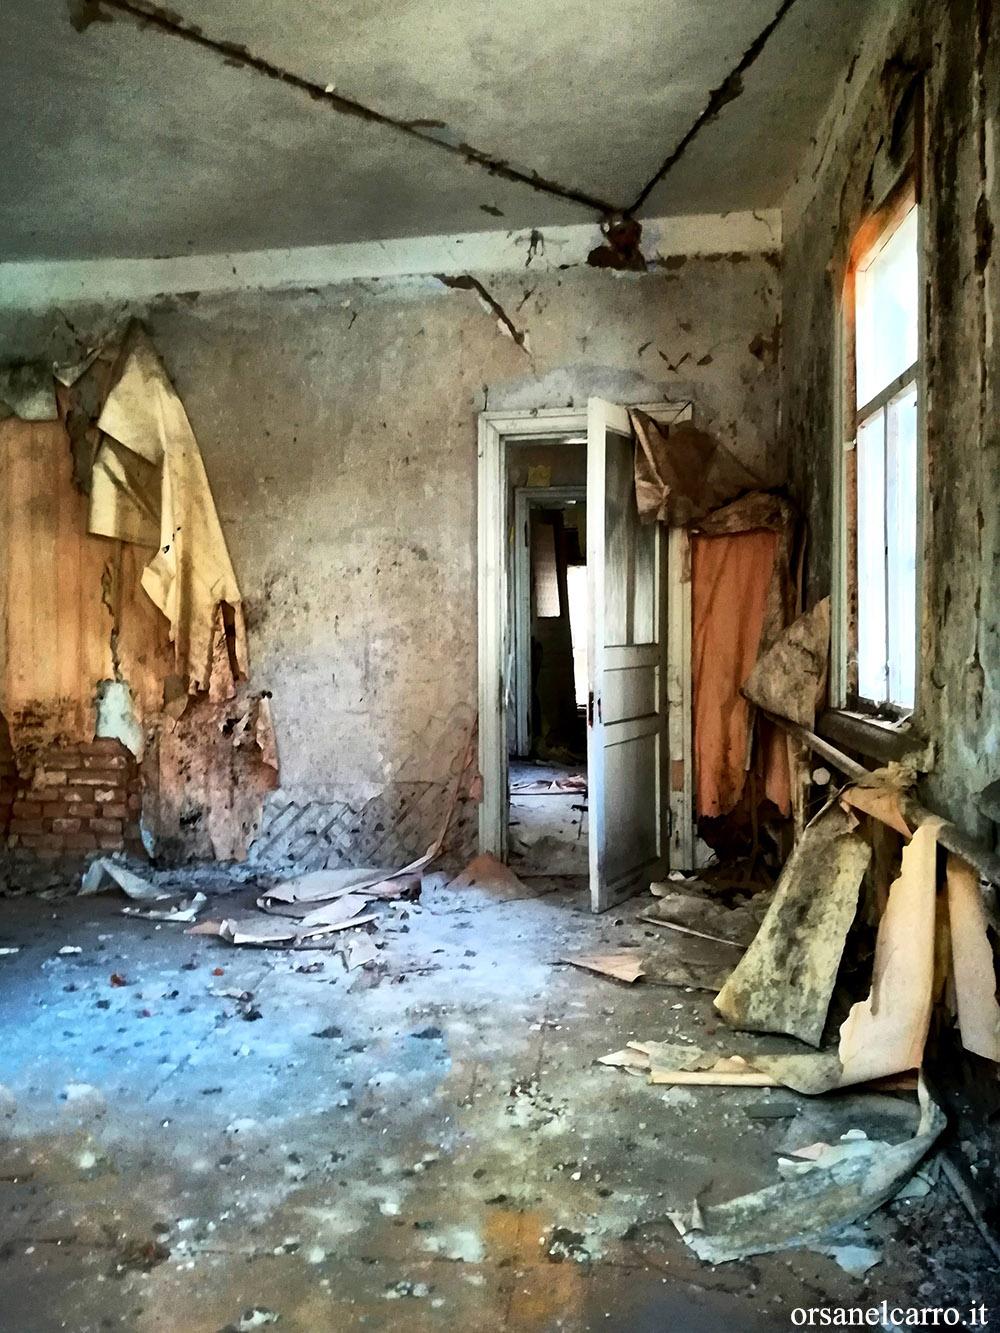 Chernobyl URBEX